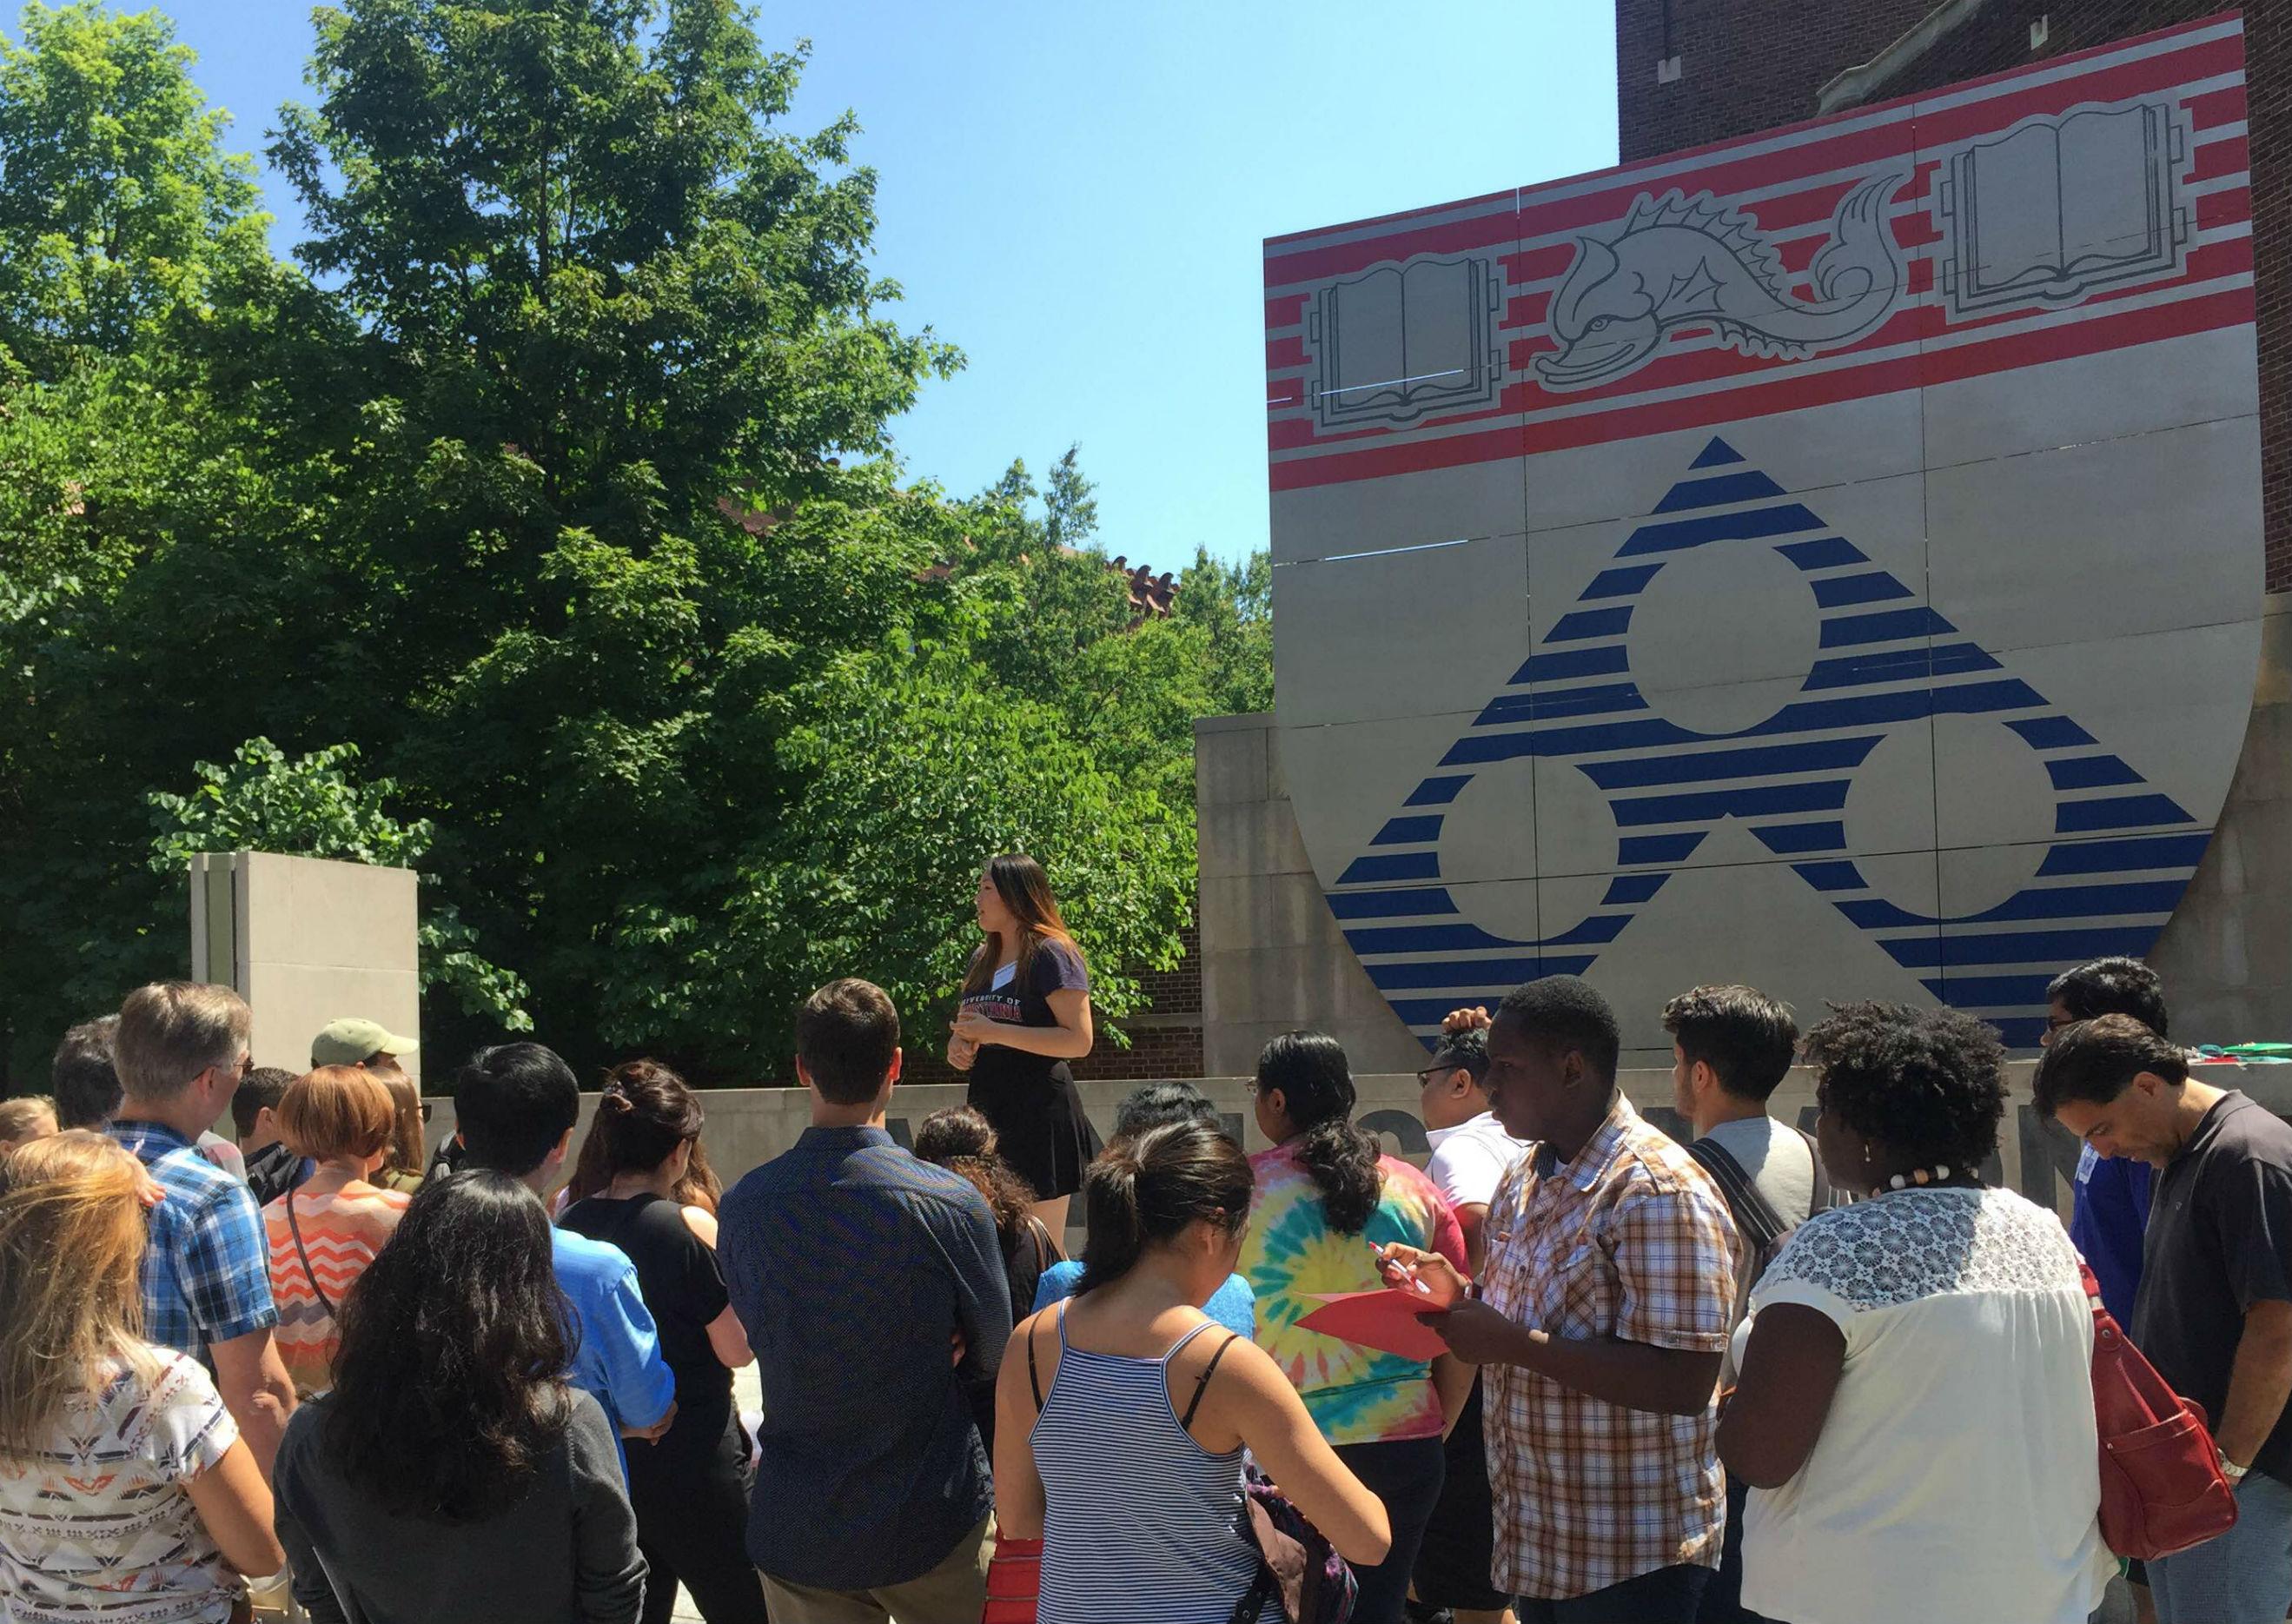 Andrea Ning conducting a tour at Perelman Quad